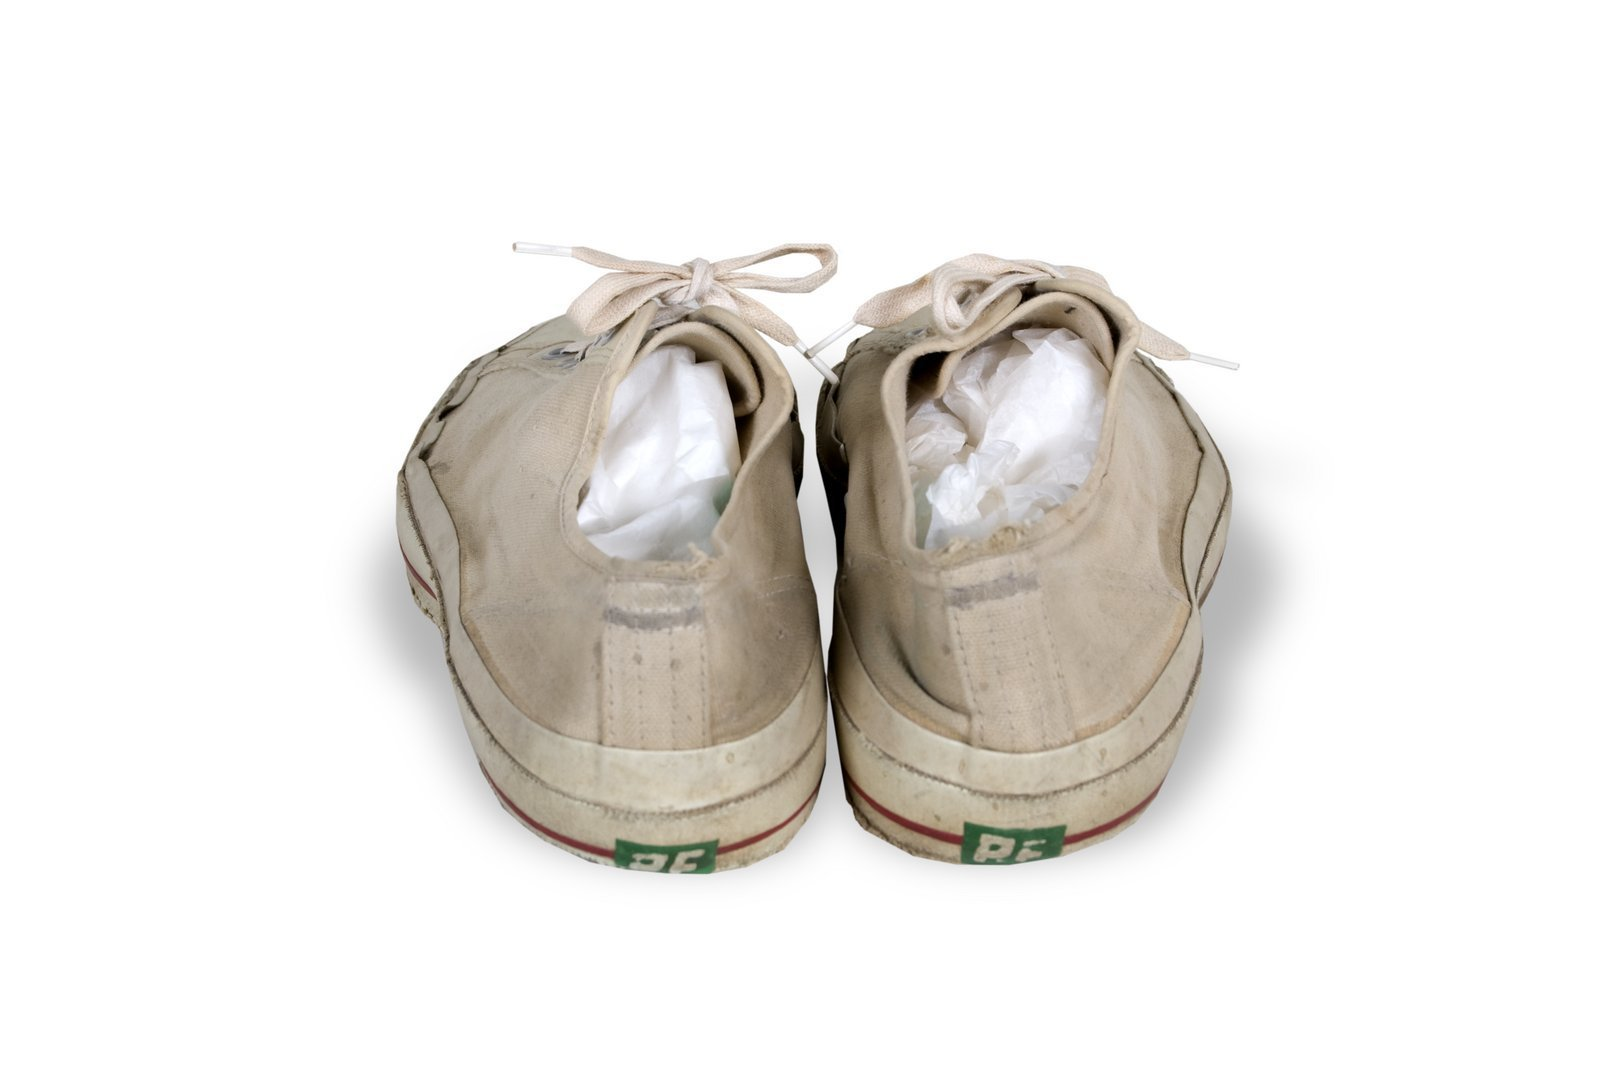 P.F. Flyer tennis shoes - 2